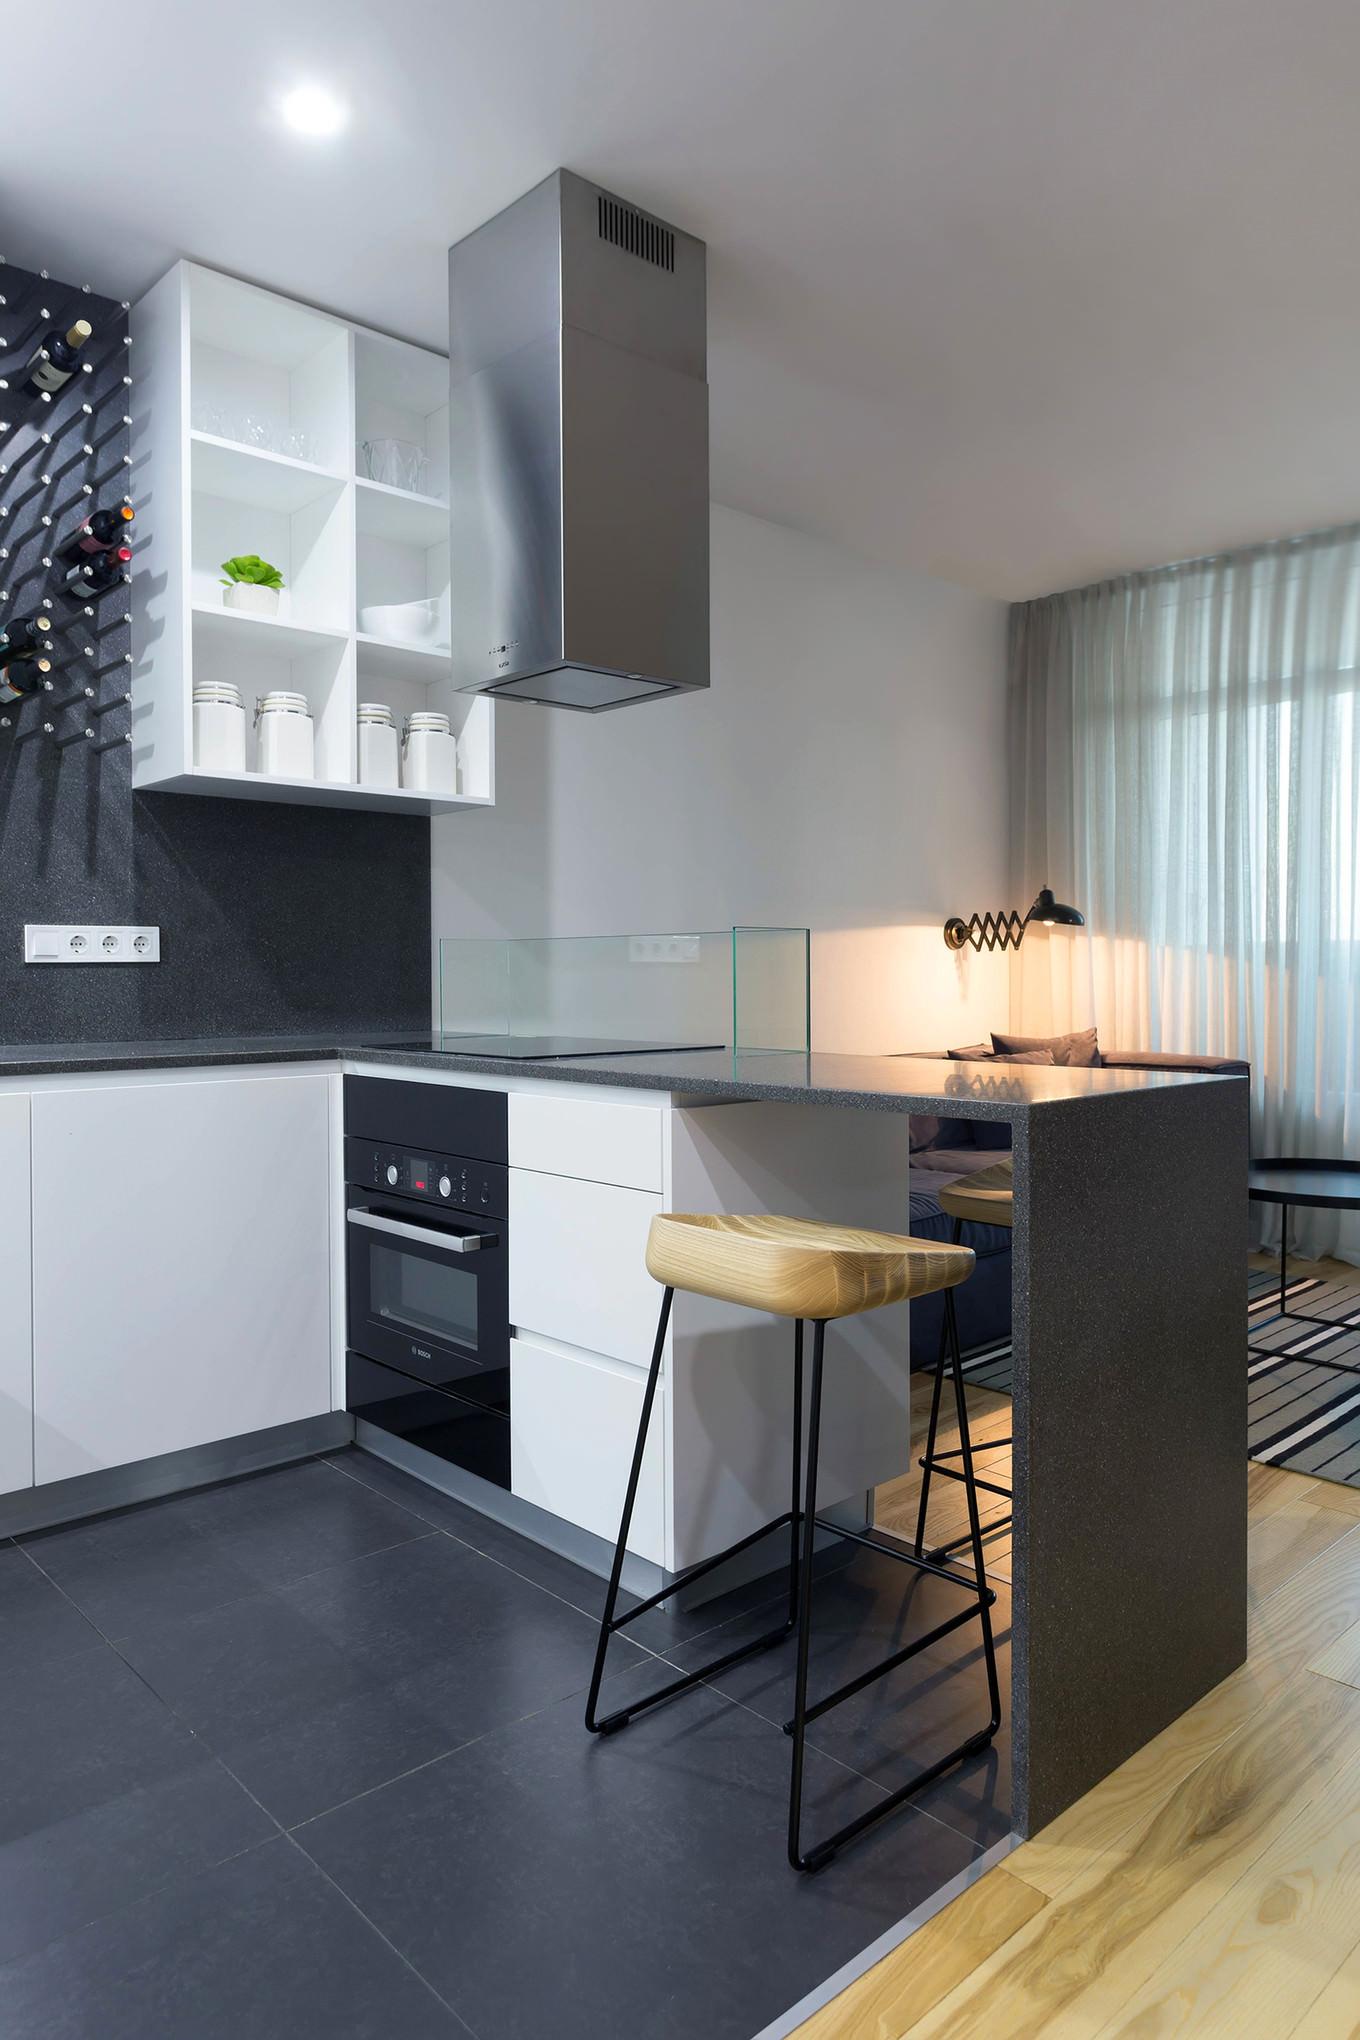 vpechatlqvasht-malak-apartament-s-moderen-dizain-4g